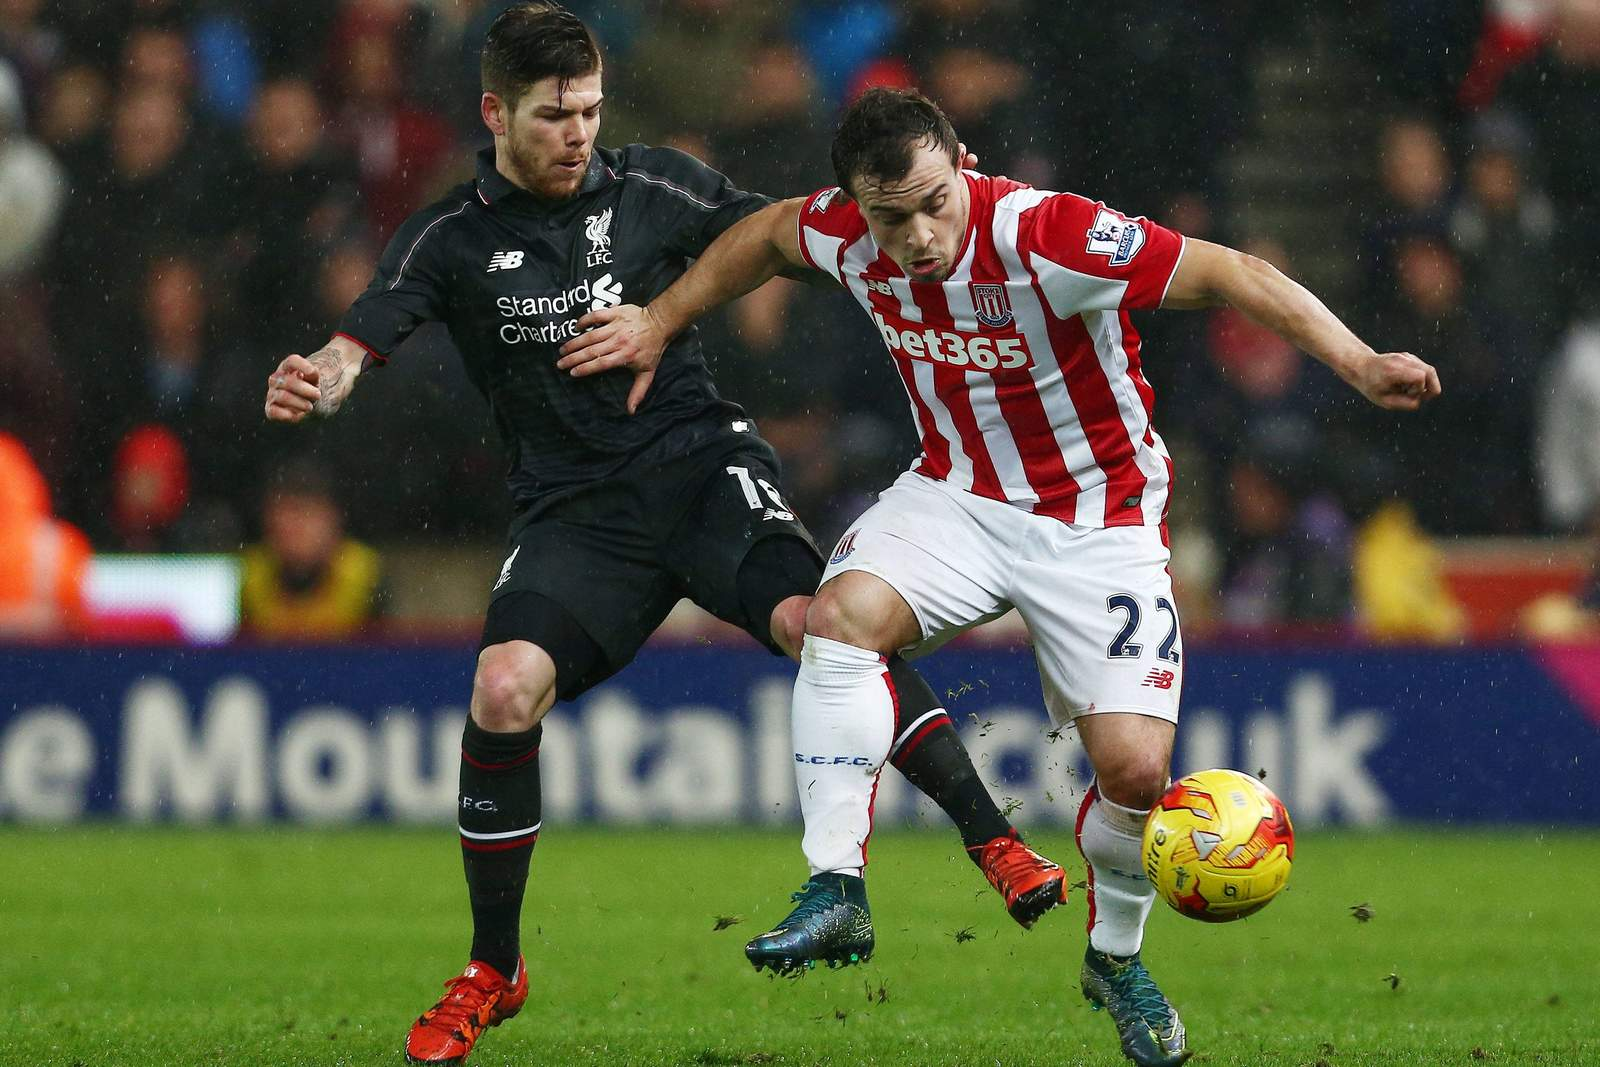 Setzt sich Shaqiri gegen Moreno durch? Jetzt auf Liverpool gegen Stoke wetten